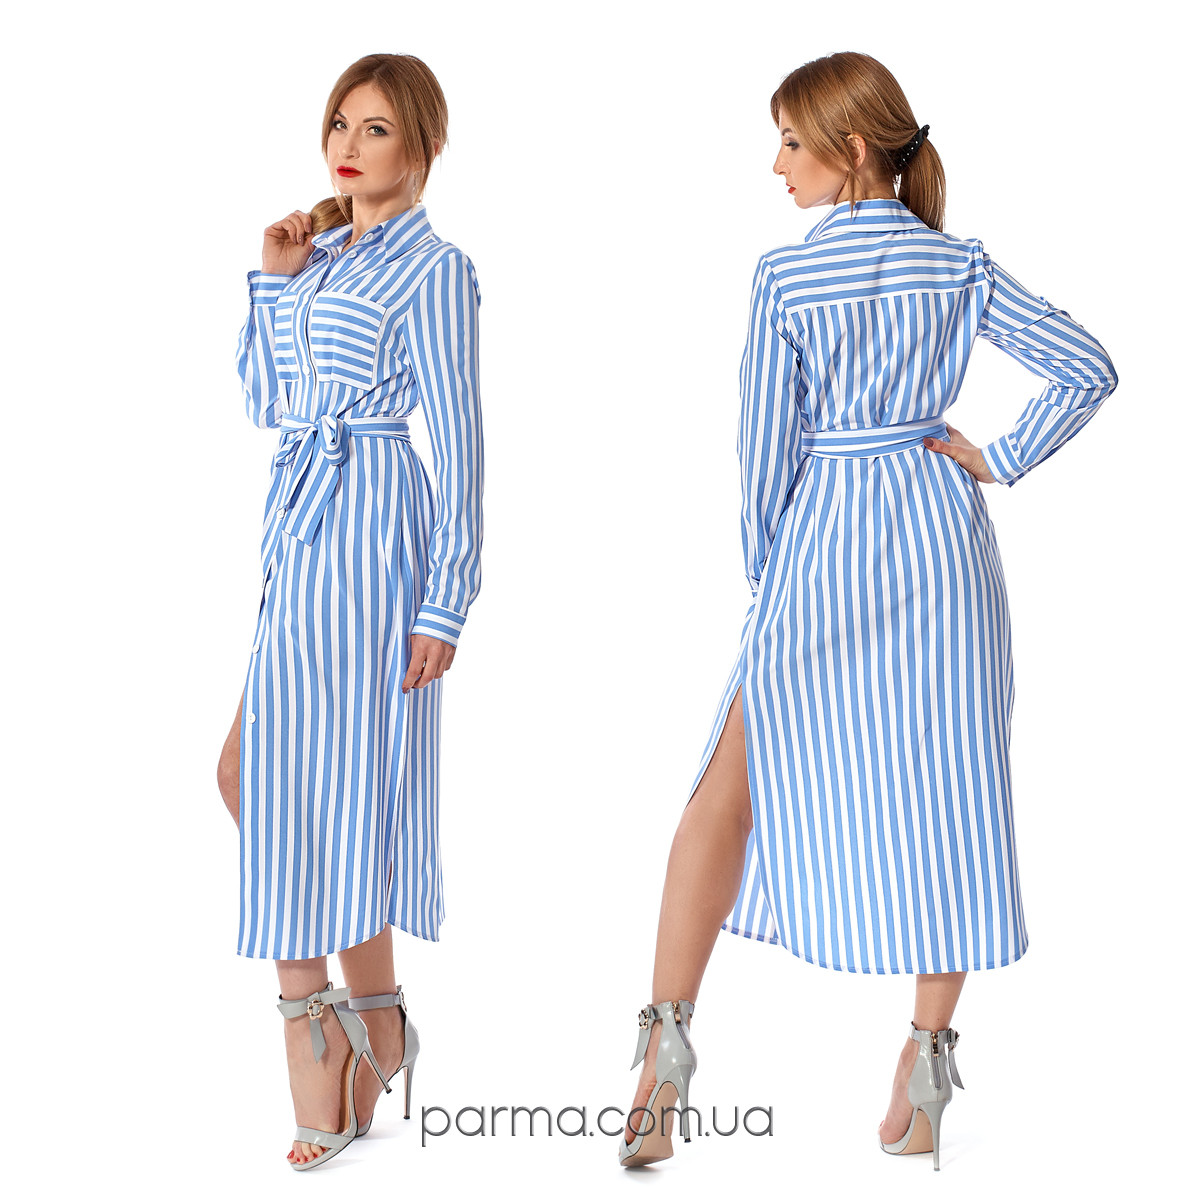 ba894921a18 Женское летнее платье-рубашка в голубую полоску (р.46) софт - Интернет